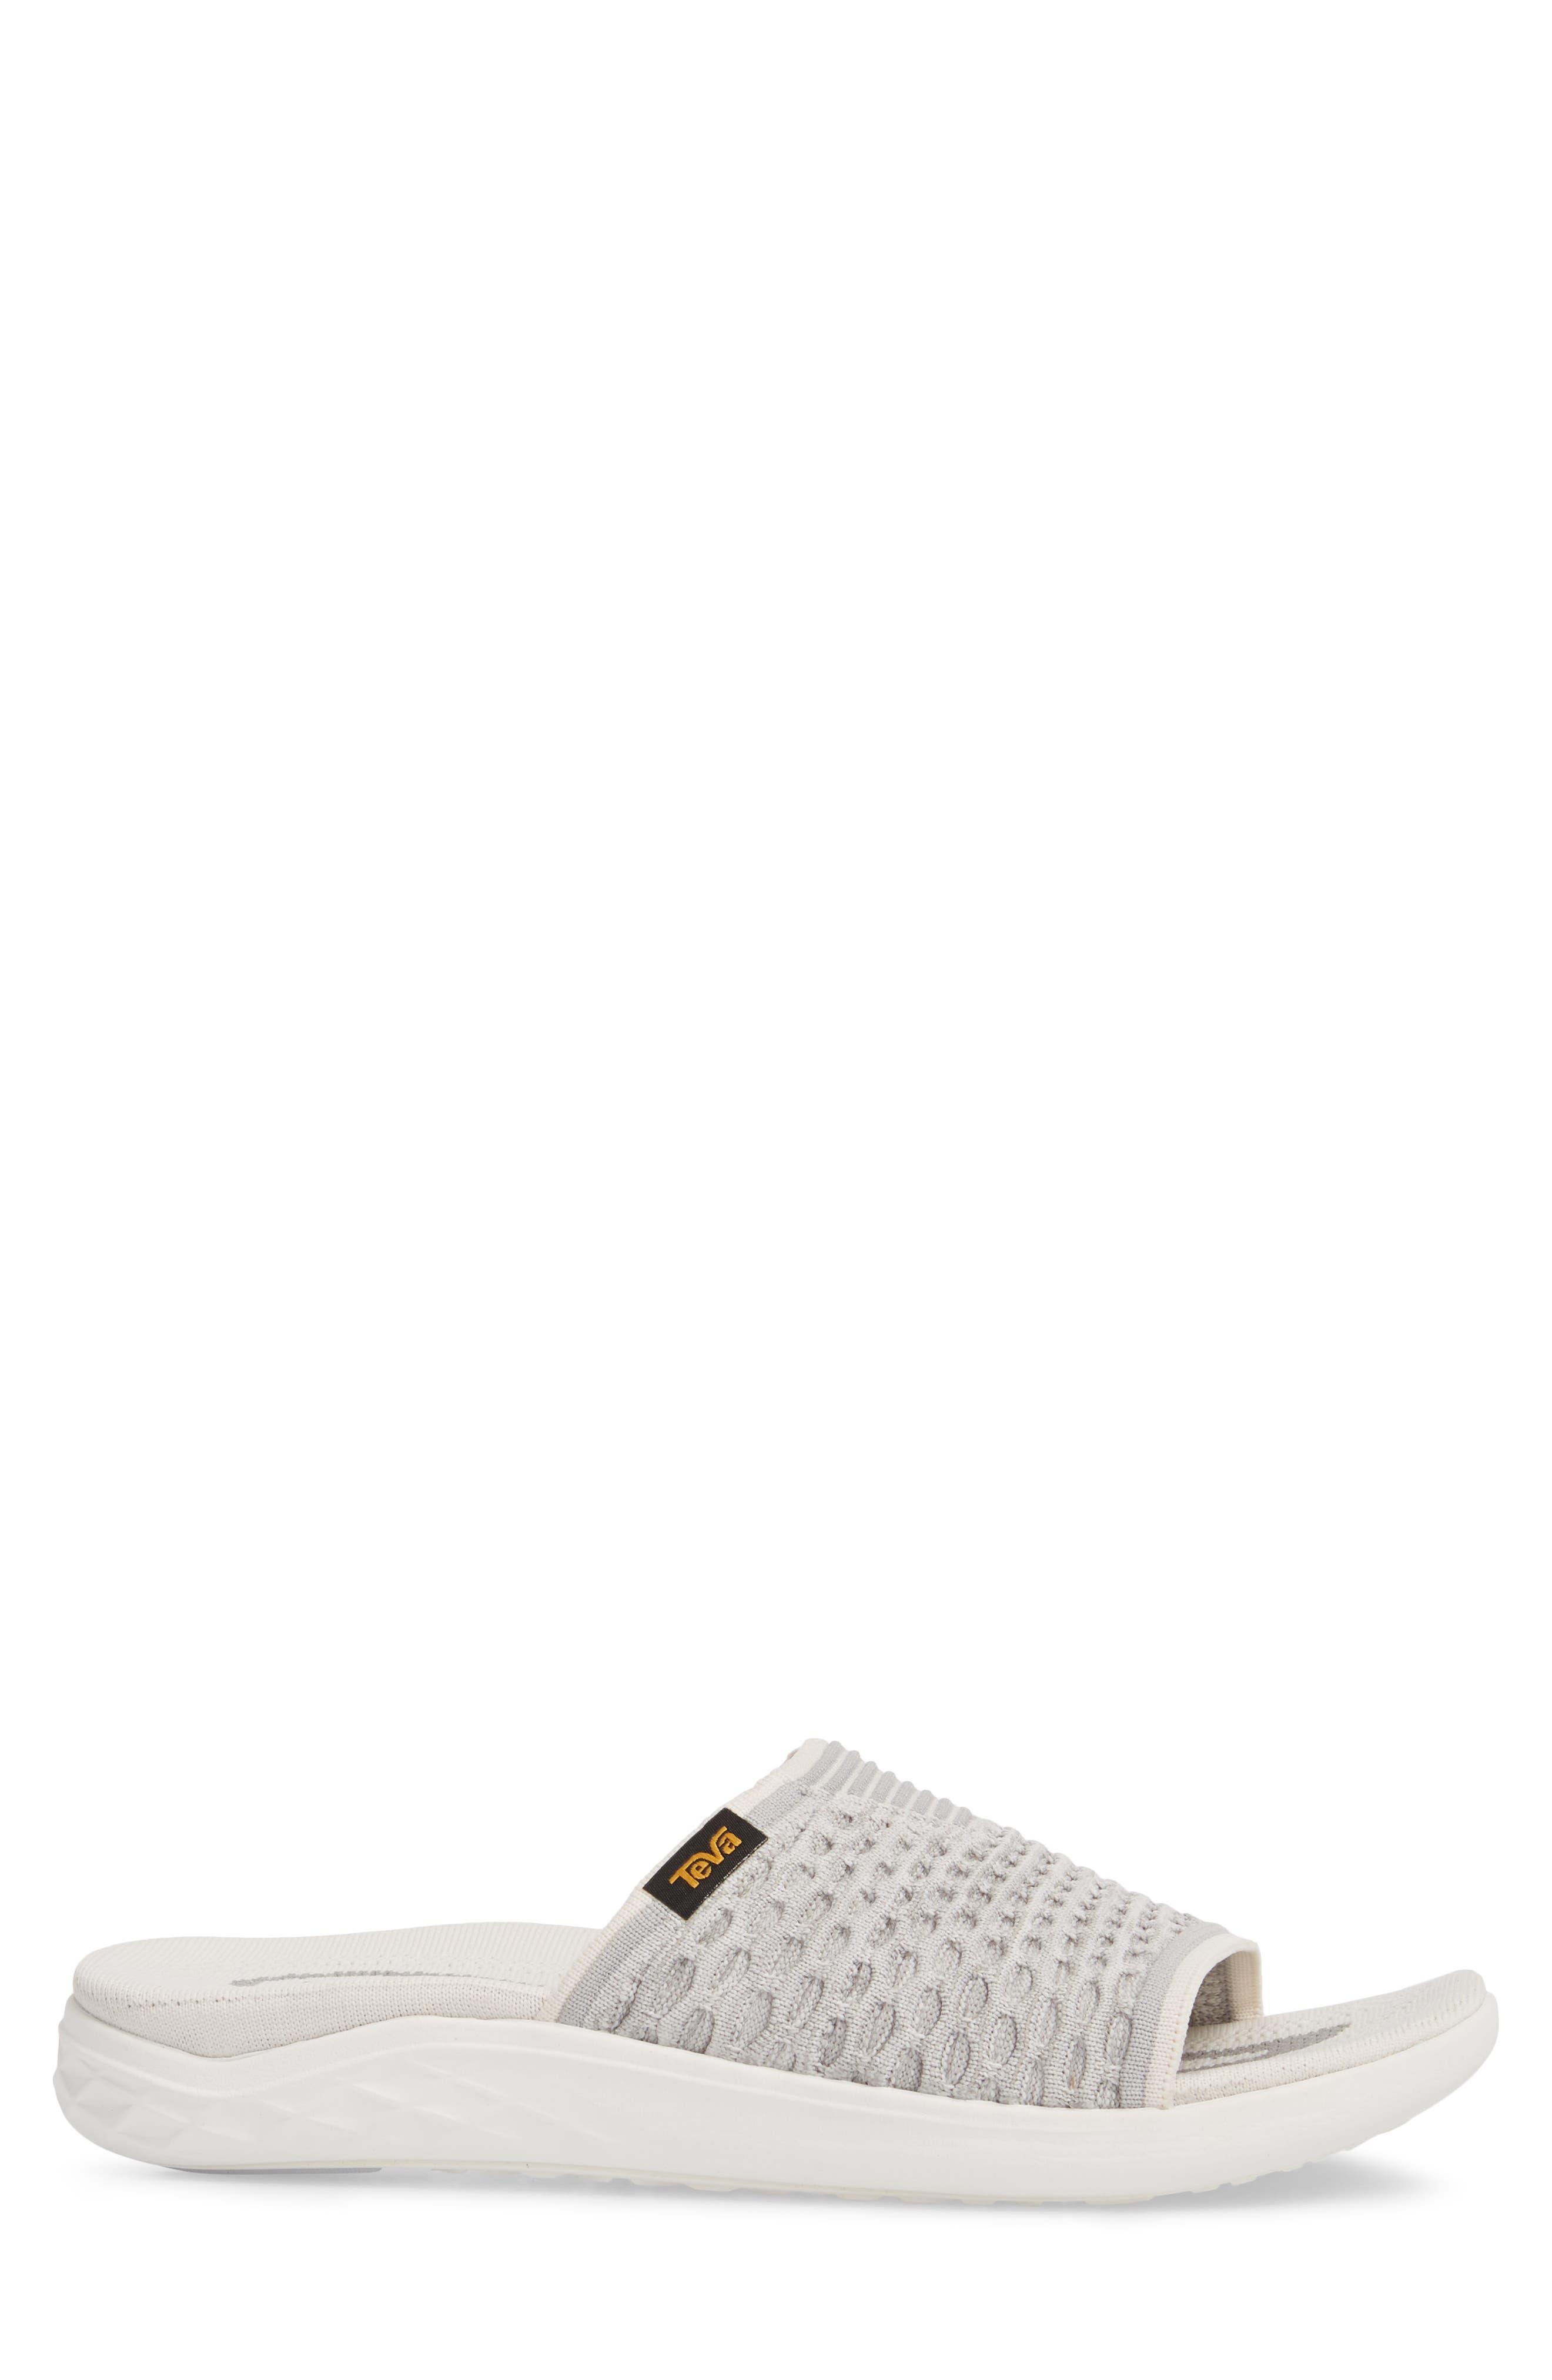 Terra-Float 2 Knit Slide Sandal,                             Alternate thumbnail 6, color,